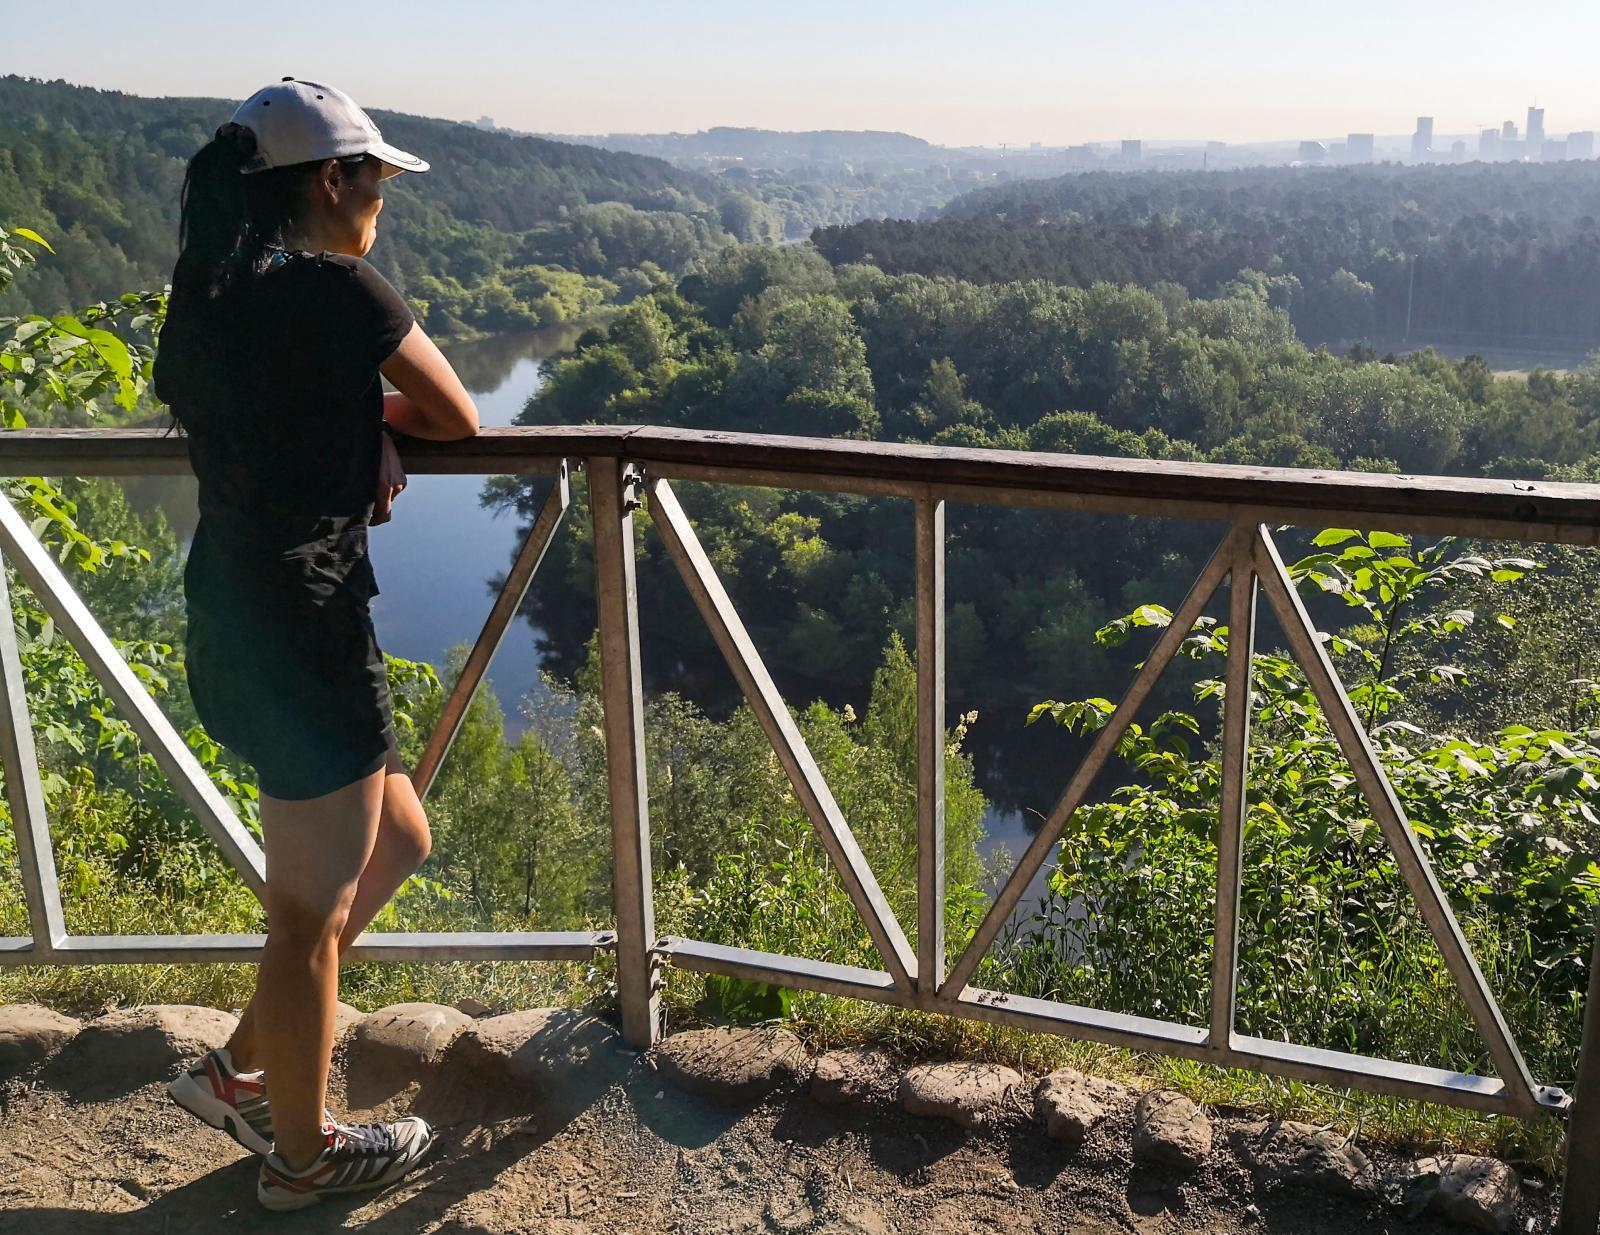 En kort promenad från campingen hittade vi denna utsikt över floden och staden i horisonten.